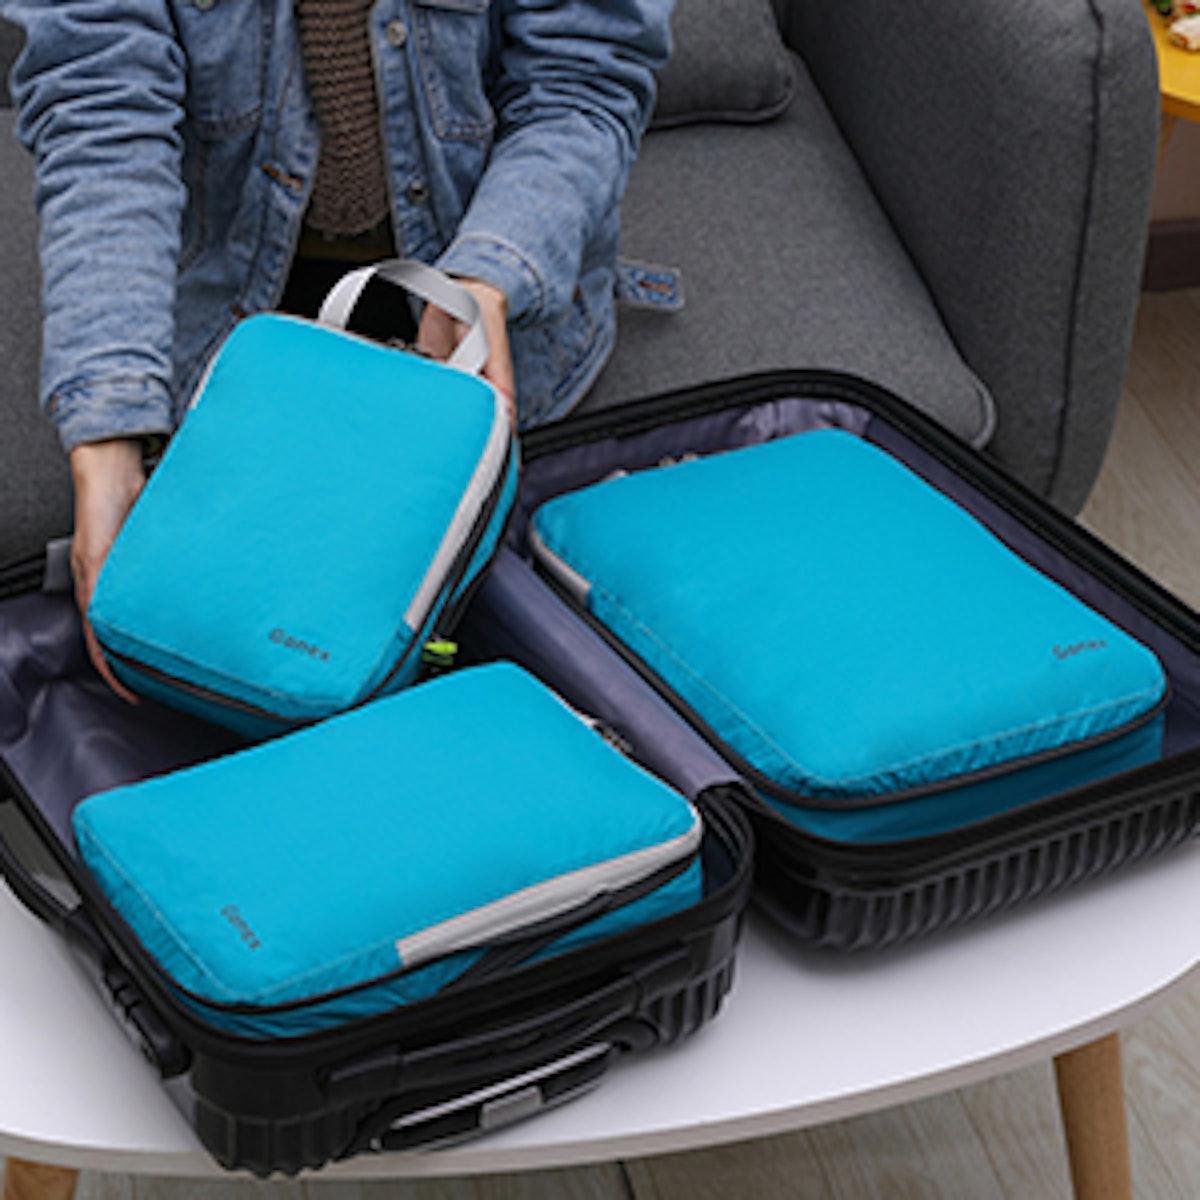 Gonex Compression Packing Cubes (Set of 4)